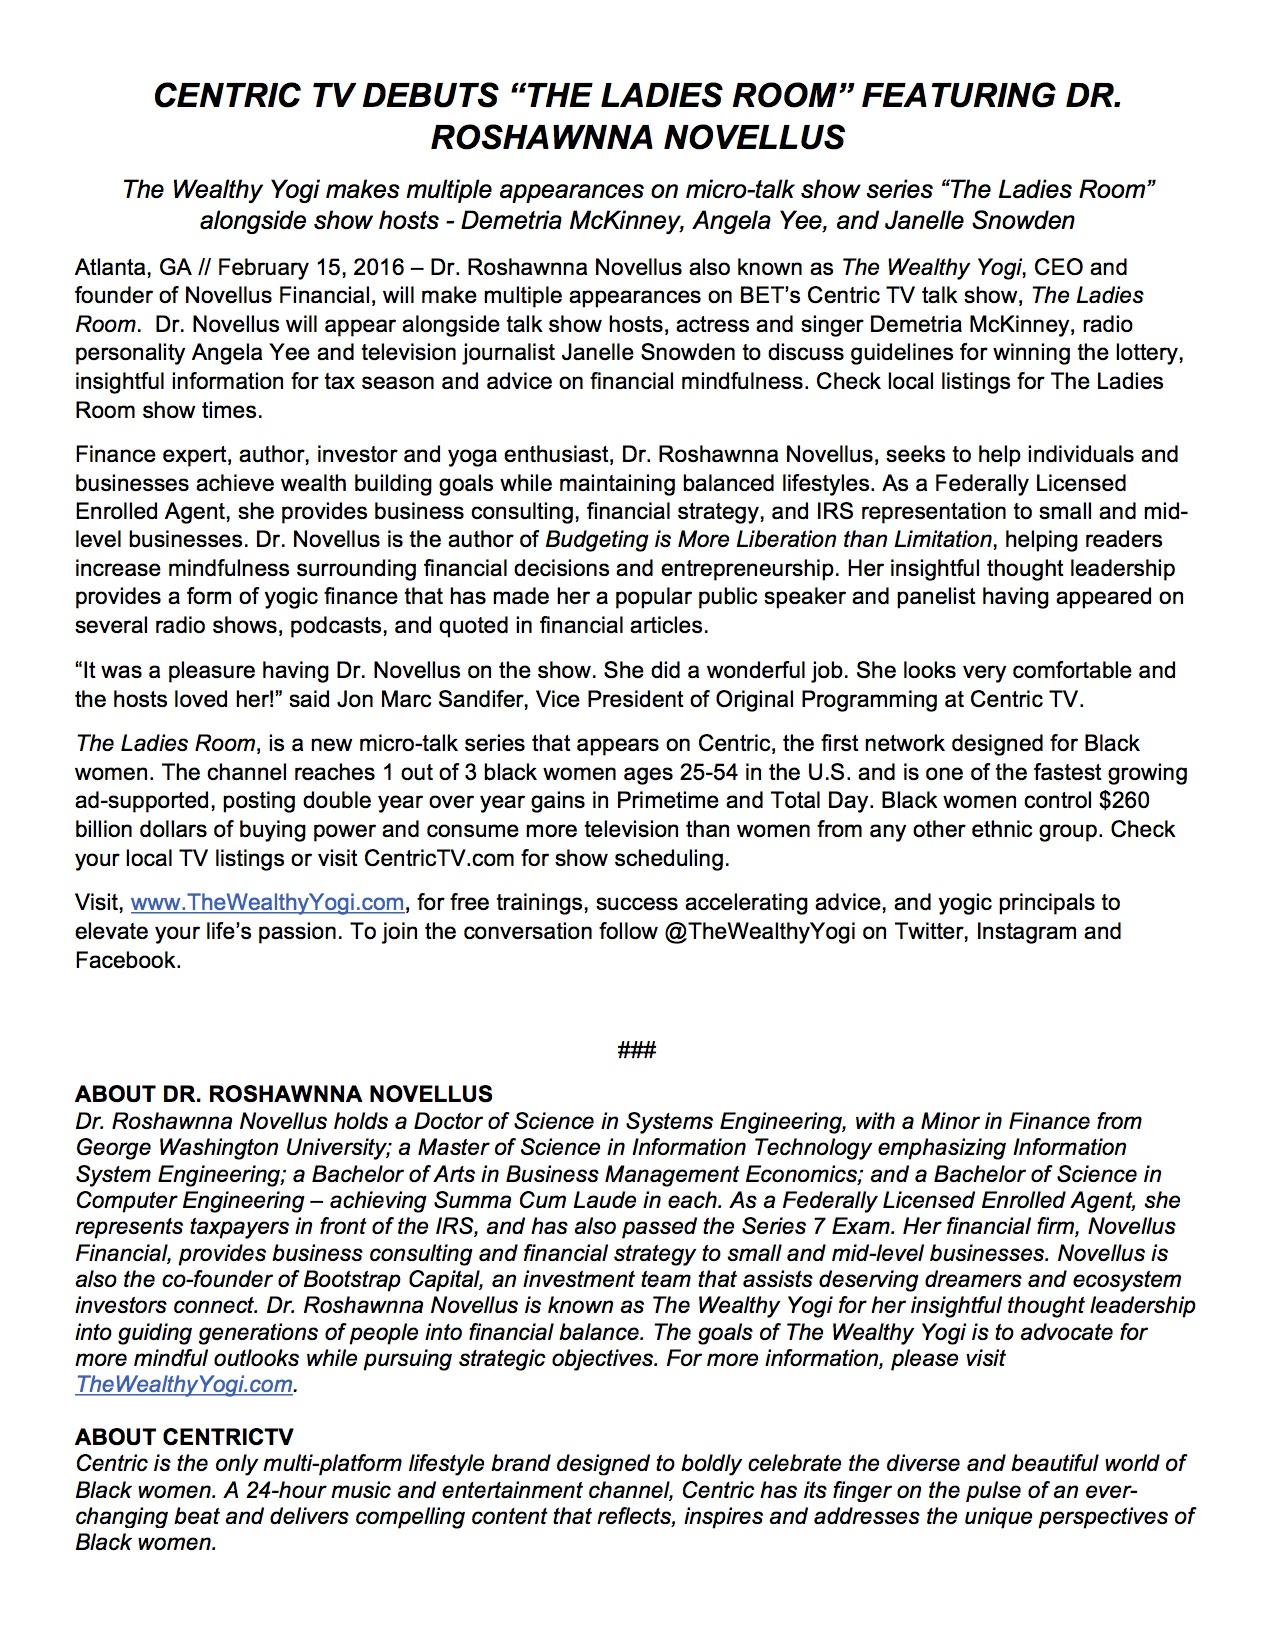 WealthyYogi Press Release The Ladies Room website image.jpg